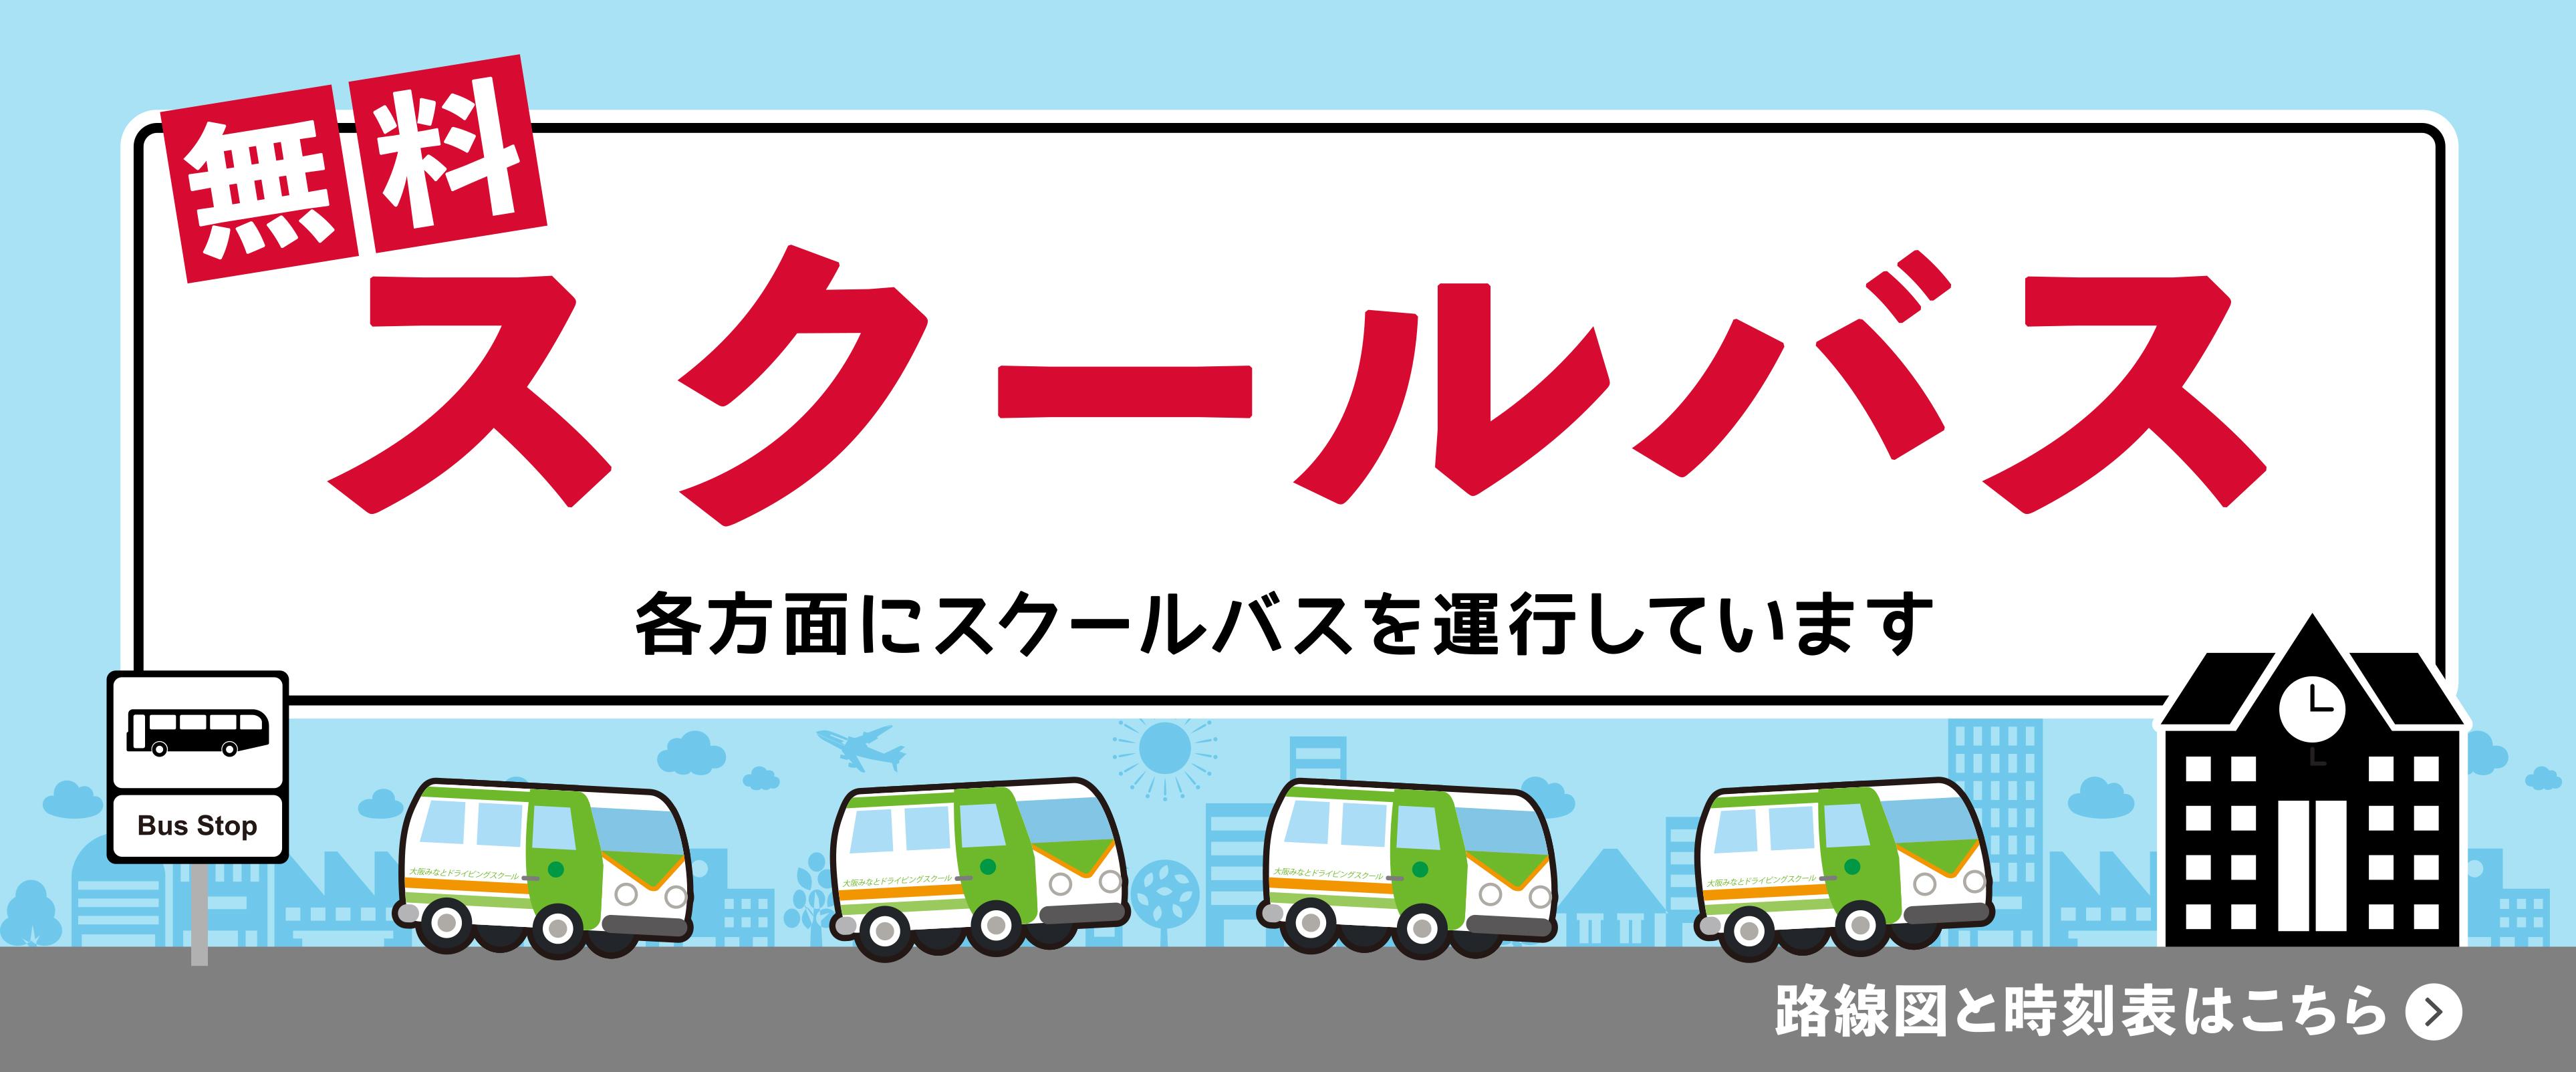 各方面に無料スクールバスを運行しています